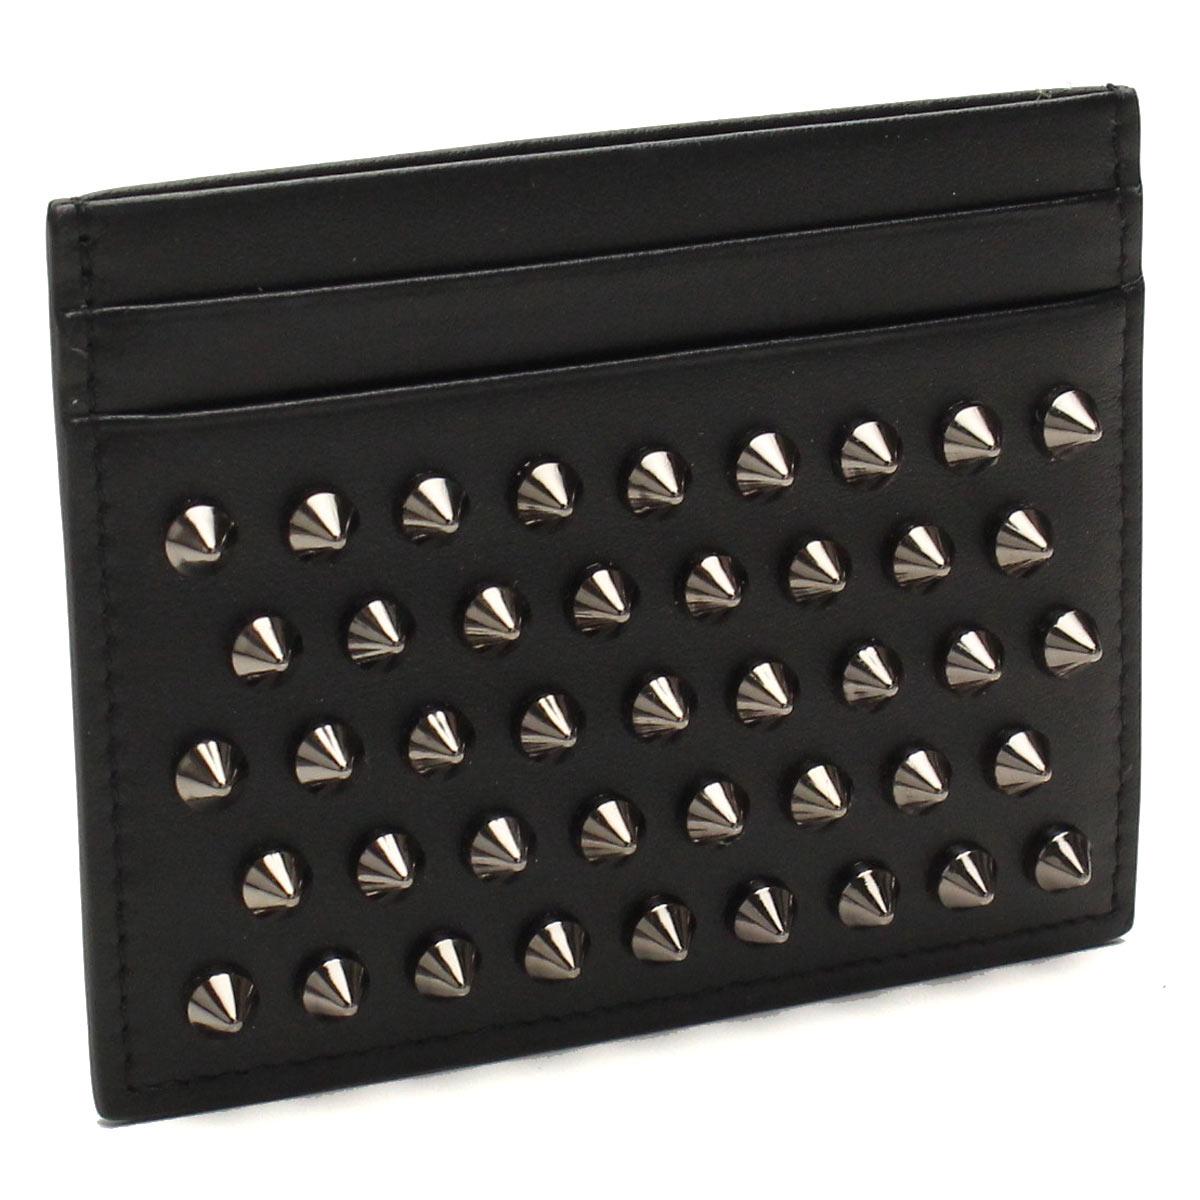 クリスチャン ルブタン Christian Louboutin カードケース 3165043 B078 BLACK/GUNMETAL ブラック レディース KIOS スタッズ パスケース スパイク クレジットカード ICカード 定期入れ